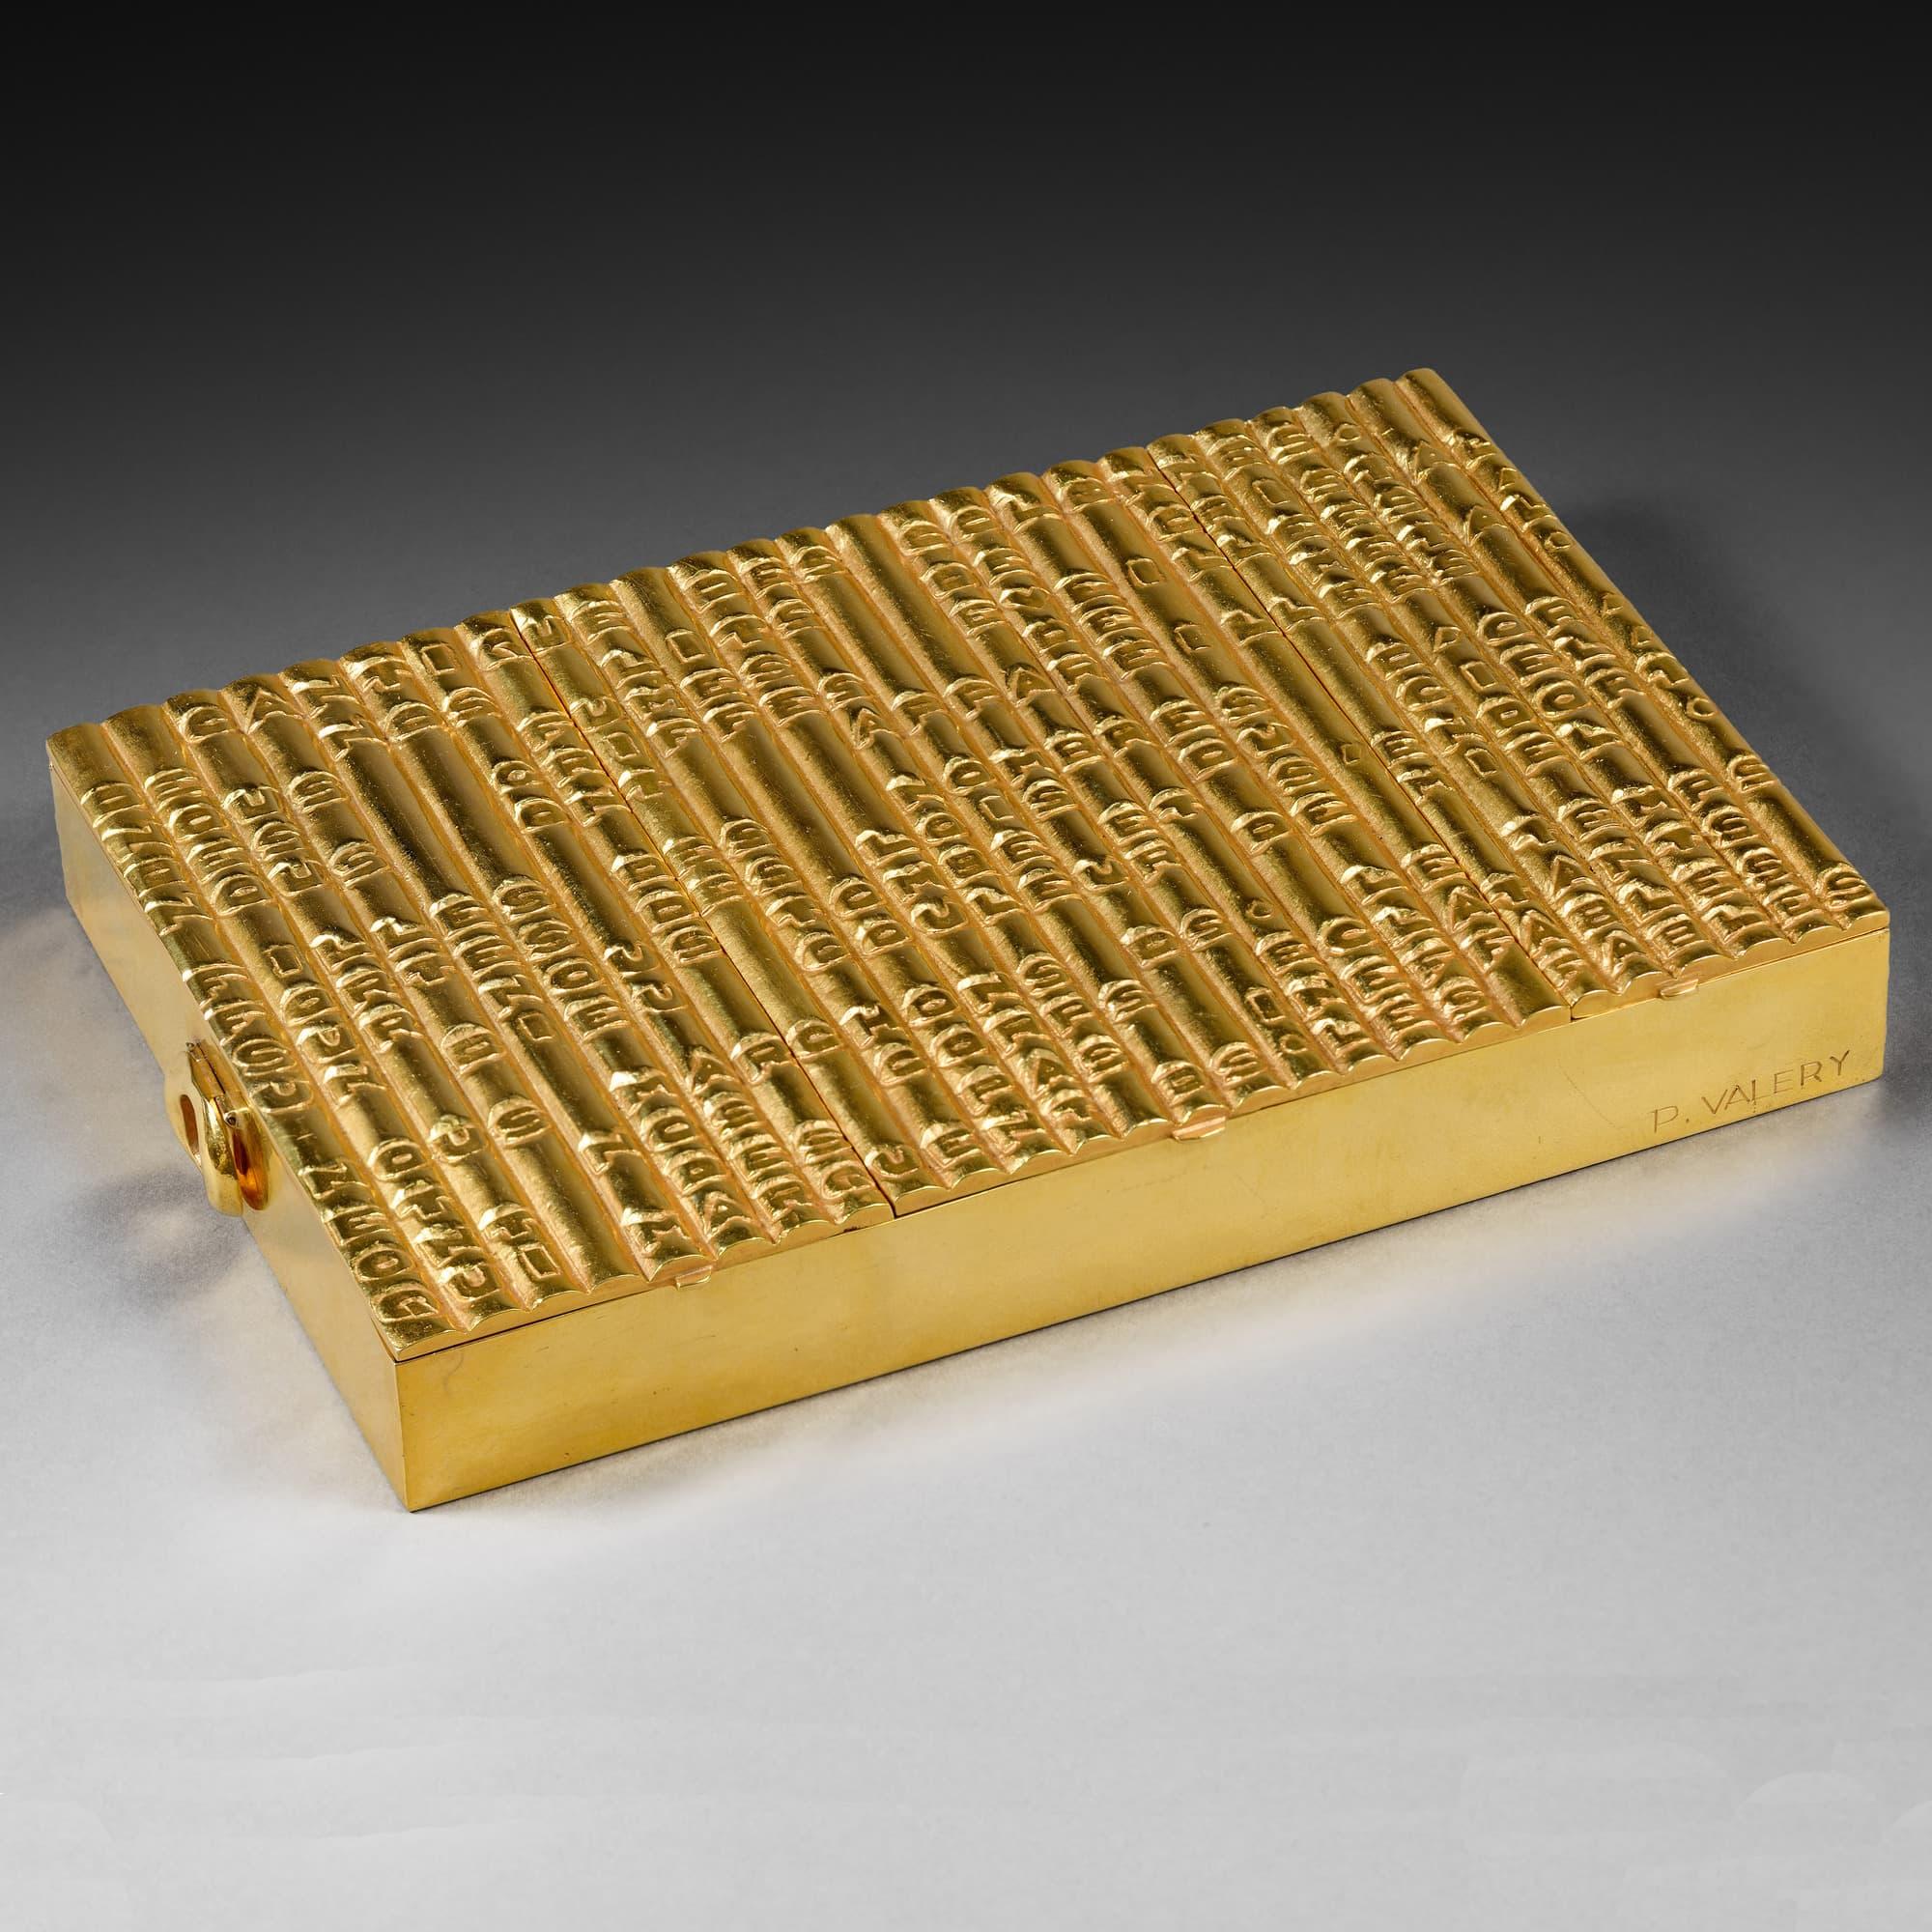 Rare et importante boite « Cantique des colonnes », vue 01